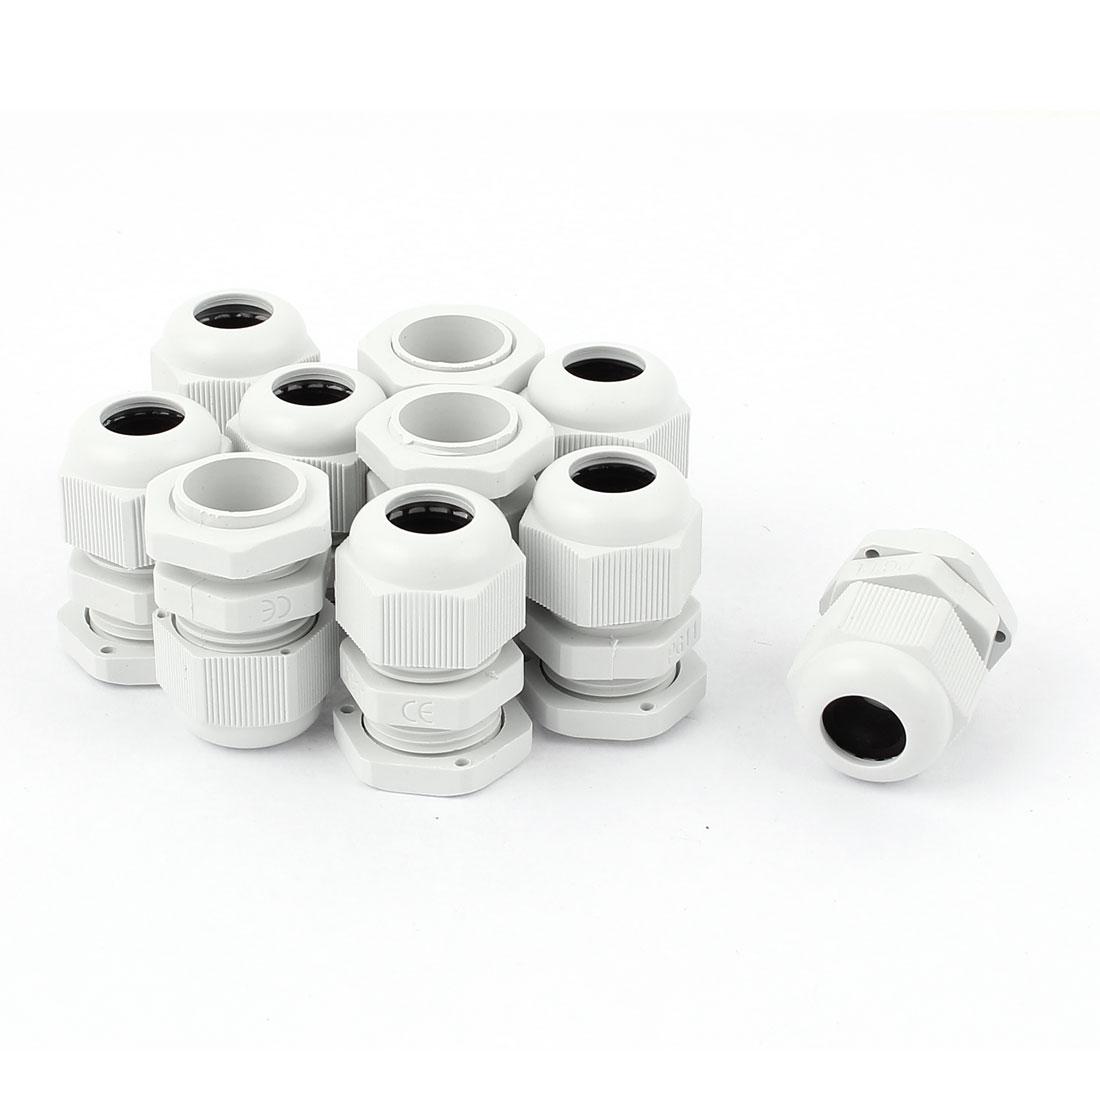 10 Pcs Plastic PG11 Waterproof Cable Glands Connectors White